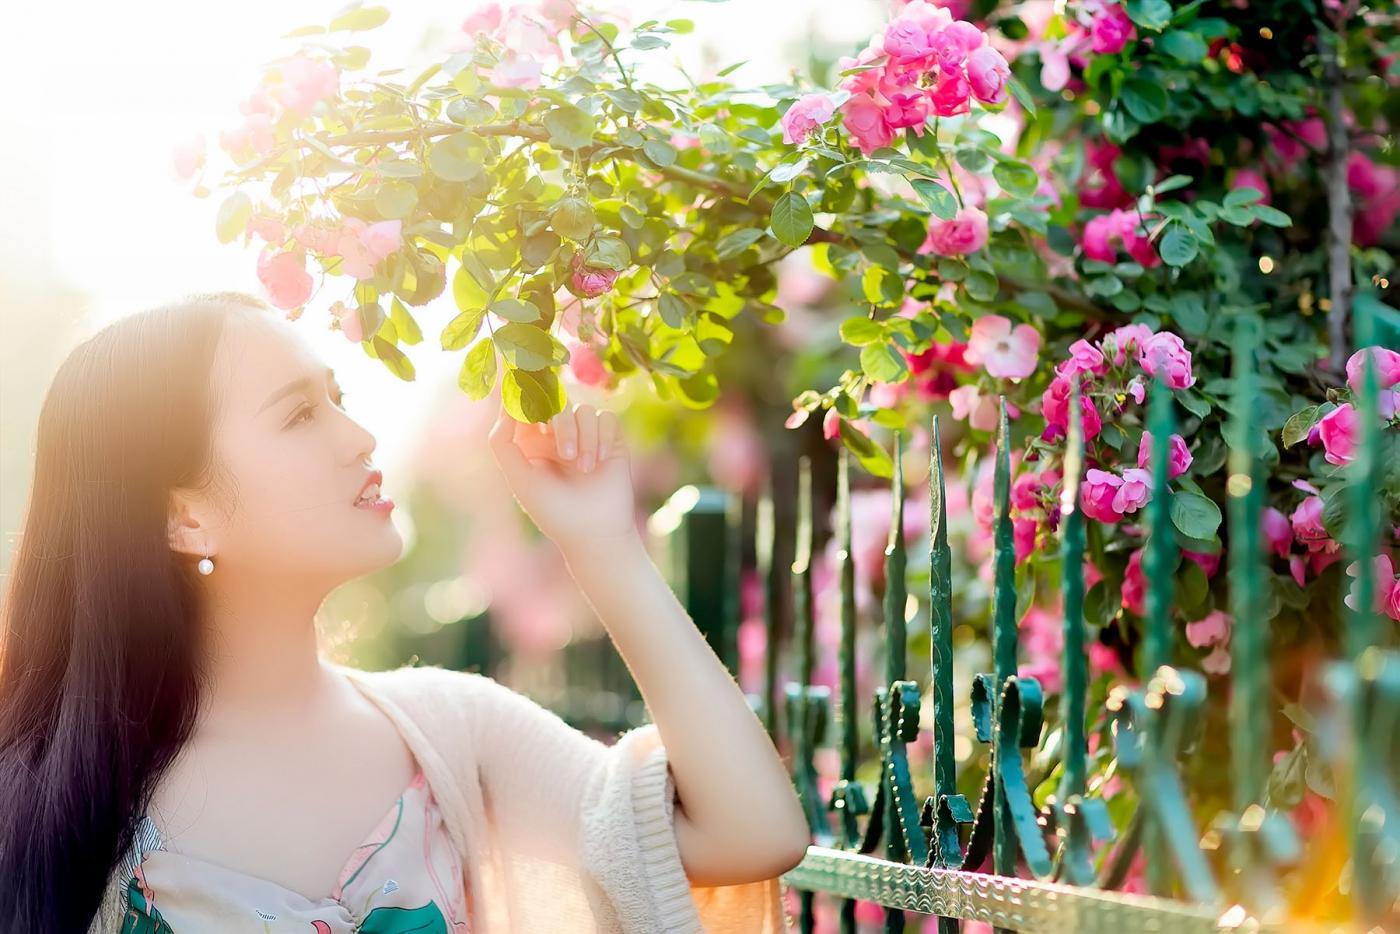 蔷薇·阳光·女孩 去见你想见的人吧_图1-3